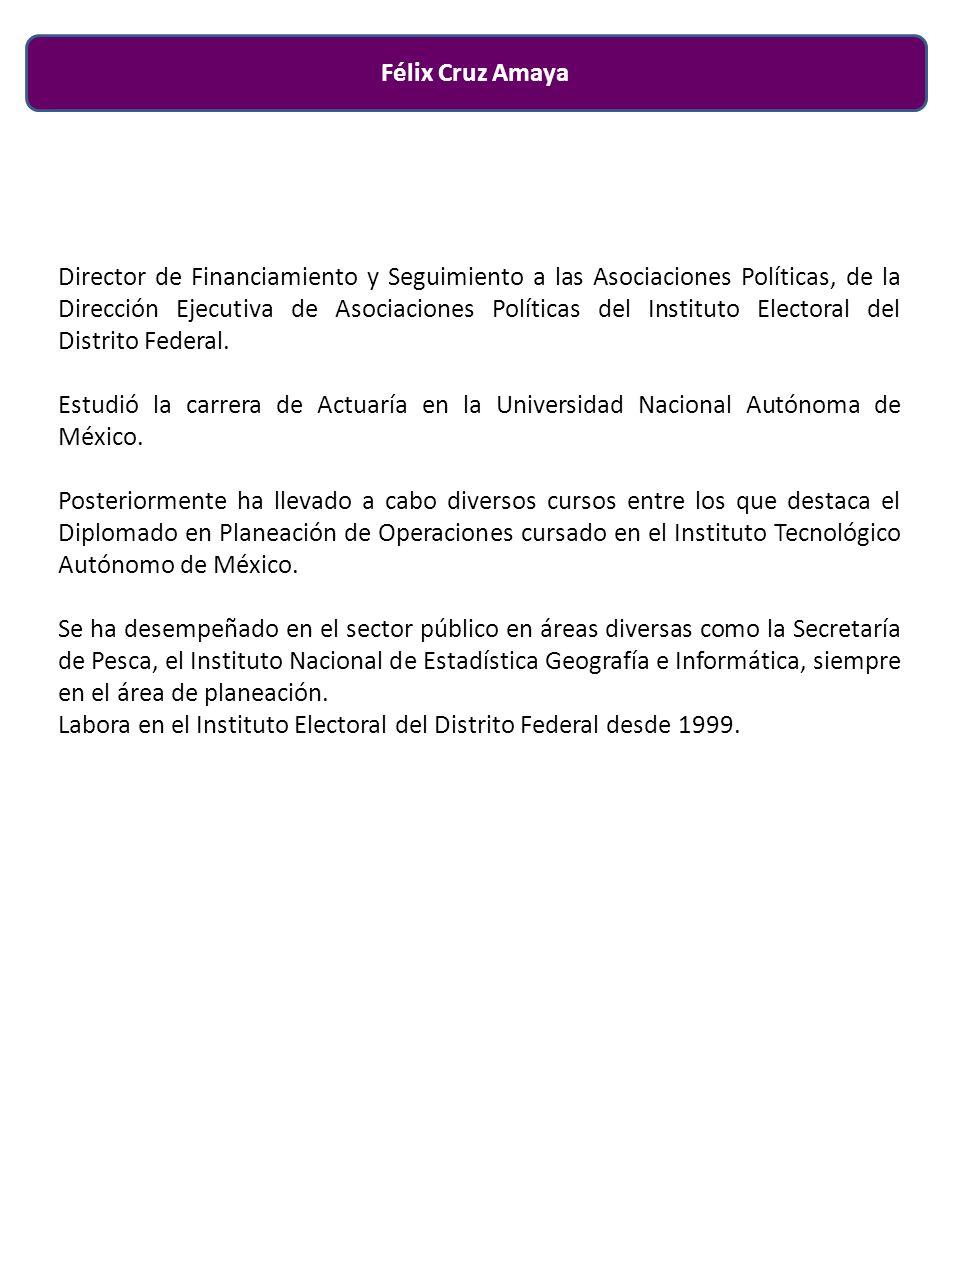 Félix Cruz Amaya Director de Financiamiento y Seguimiento a las Asociaciones Políticas, de la Dirección Ejecutiva de Asociaciones Políticas del Instituto Electoral del Distrito Federal.